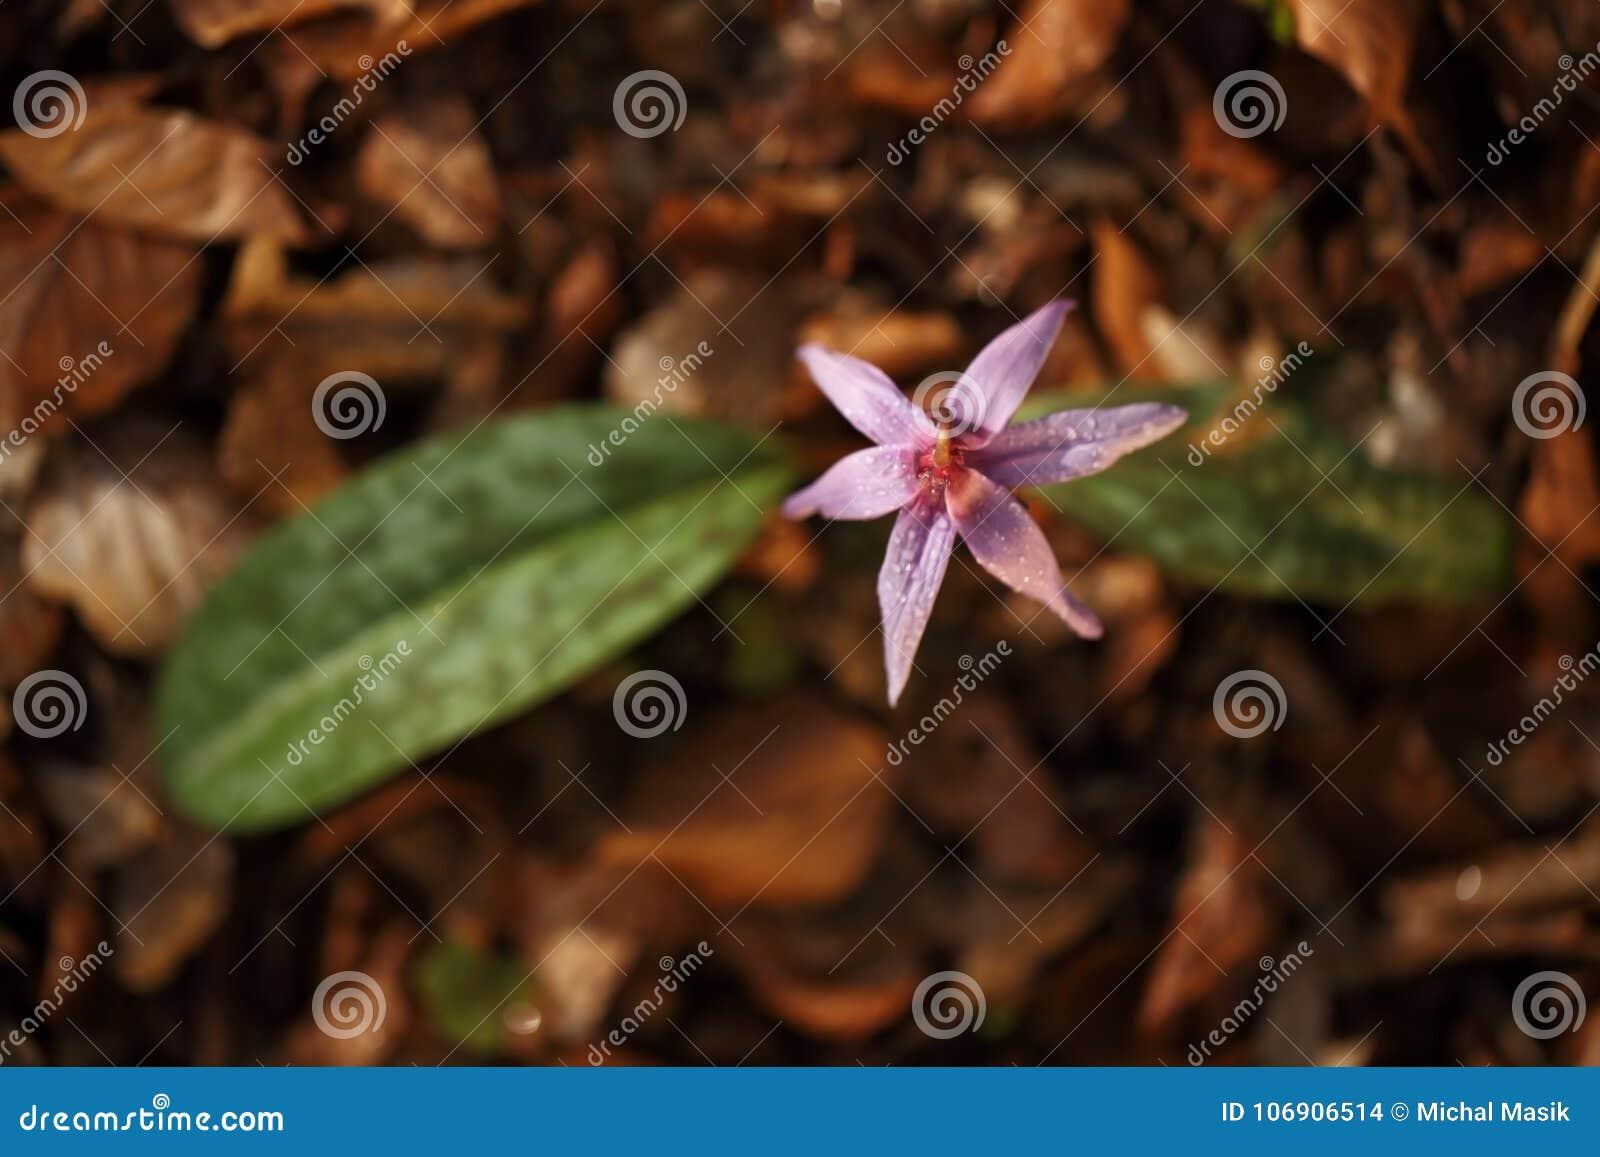 Erythronium canis Ja jest jedynymi gatunkami genus Erythronium który r w Europa